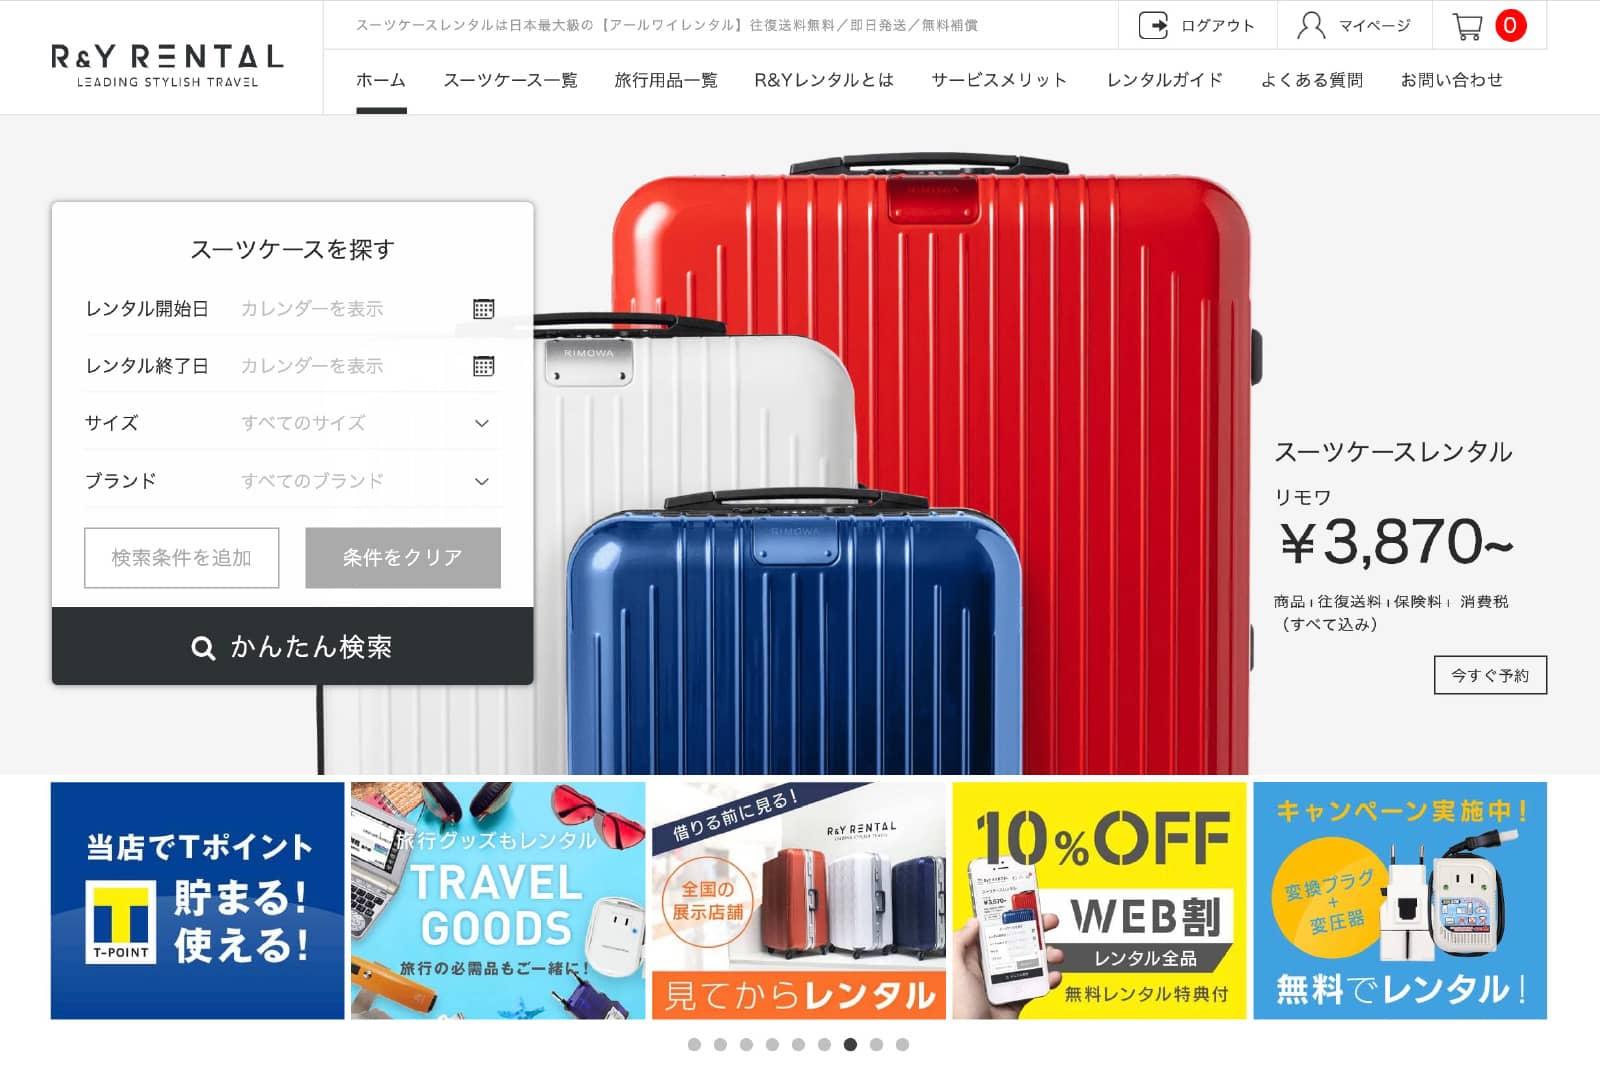 スーツケースレンタル【アールワイレンタル】の公式ホームページ